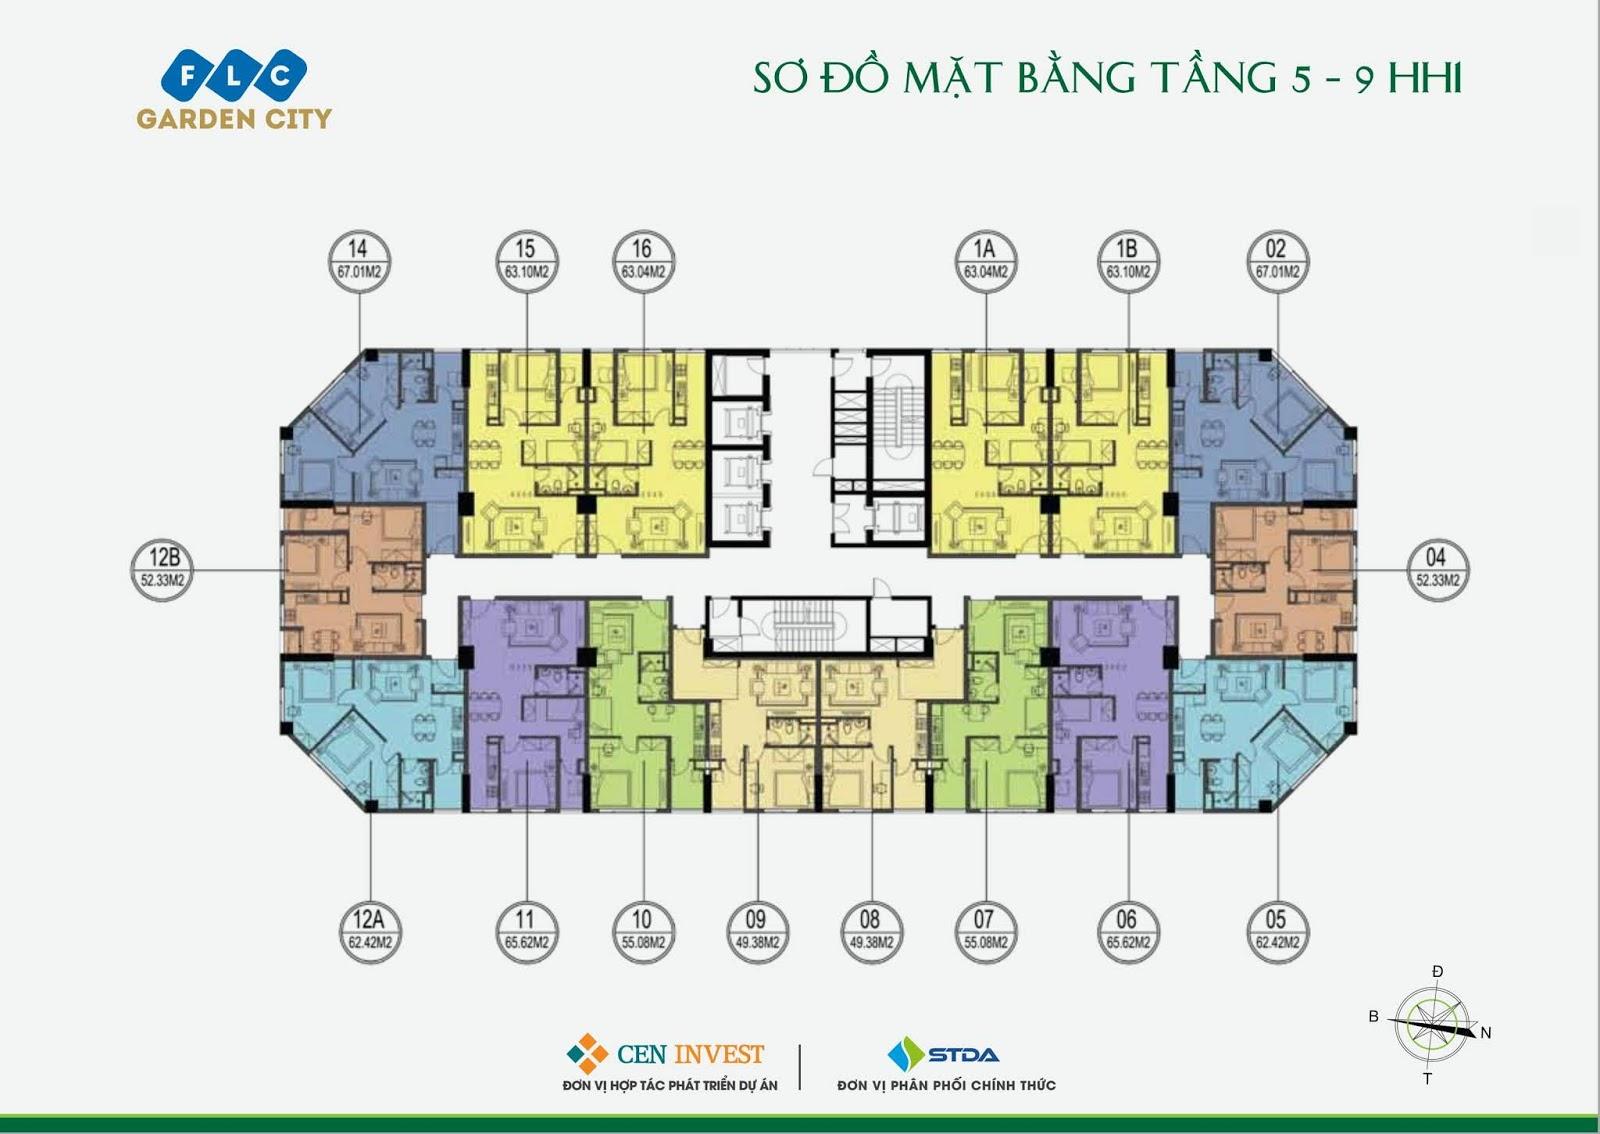 Mặt bằng tầng 05 - 09 Tòa HH1 dự án FLC Garden City Đại Mỗ